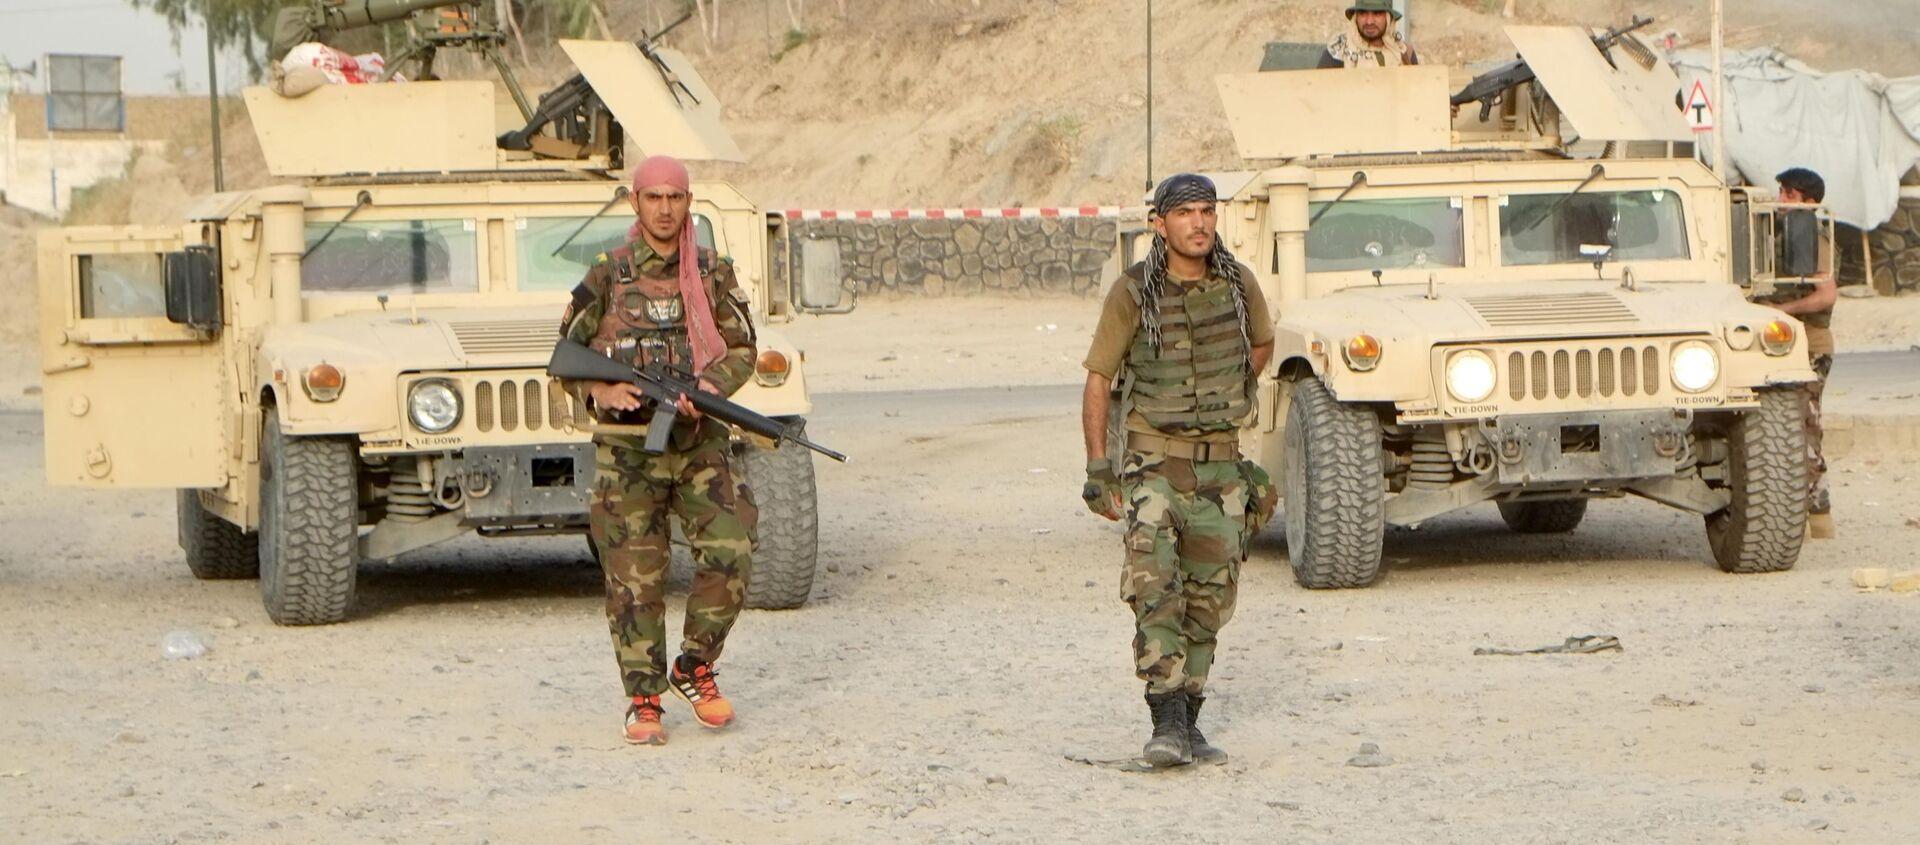 Военная операция в Кандагаре / Контрольно-пропускной пункт в Кабуле - Sputnik Абхазия, 1920, 23.07.2021